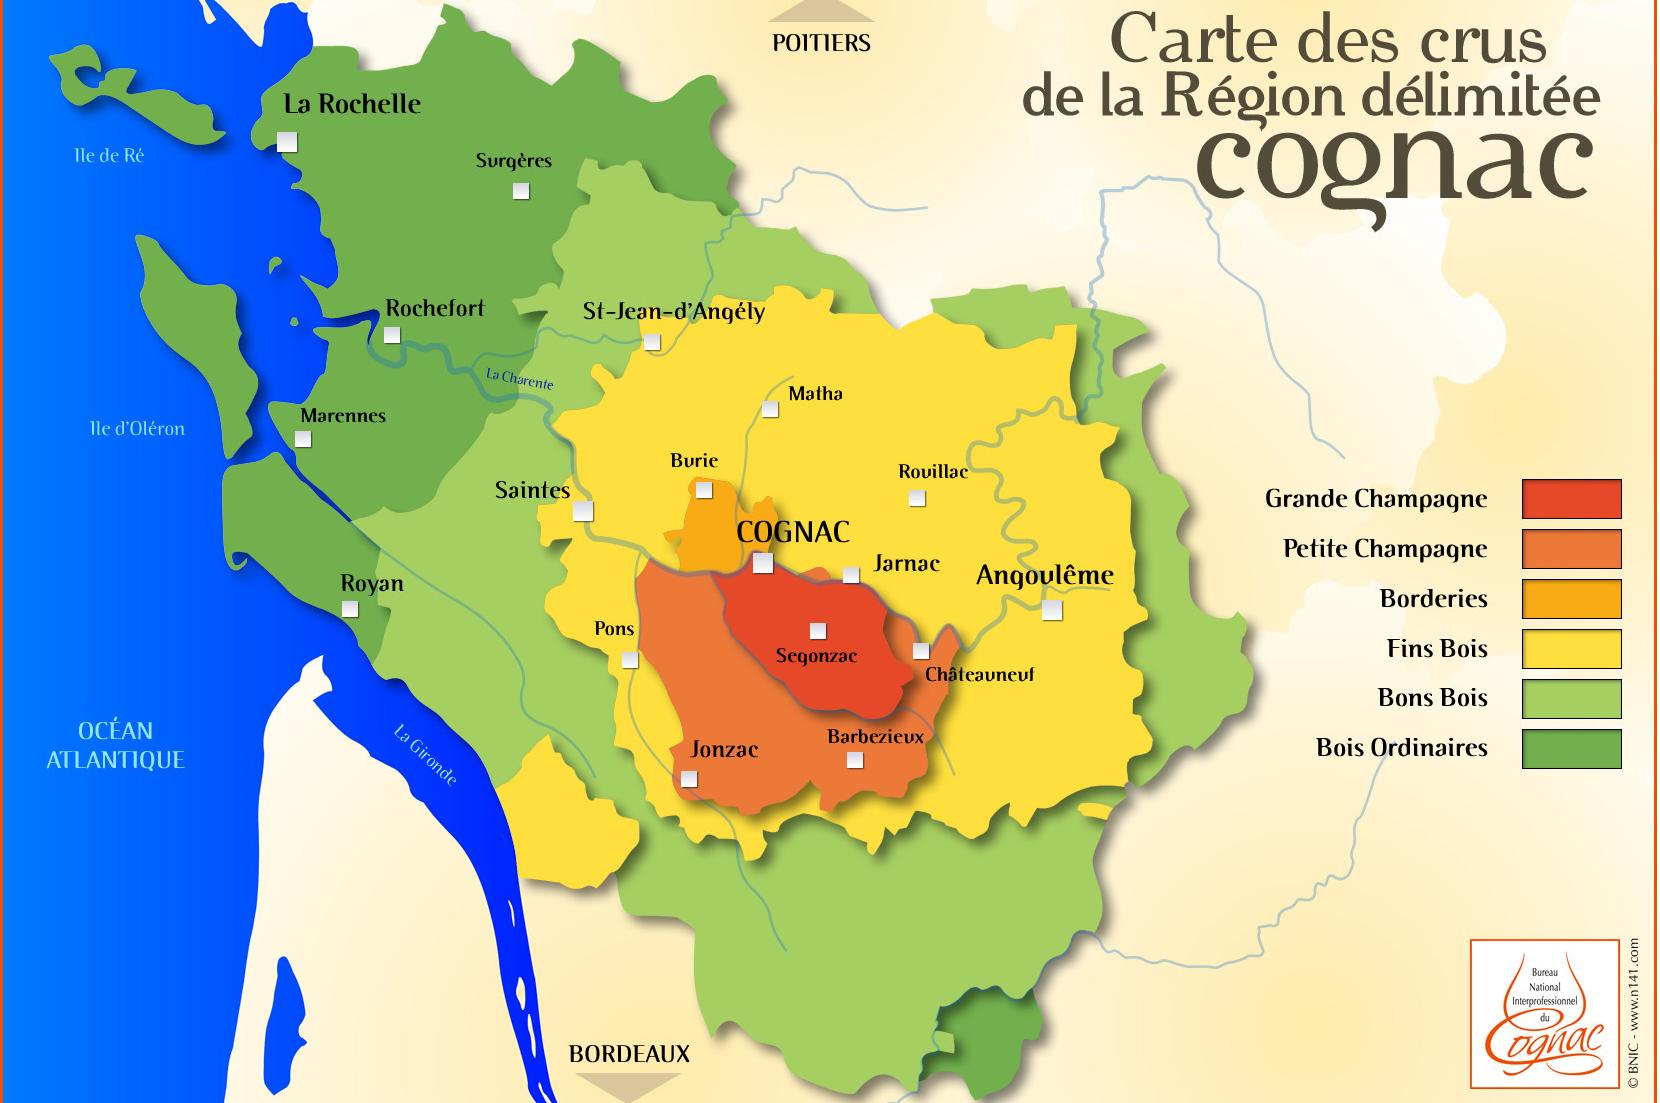 cognac production area map